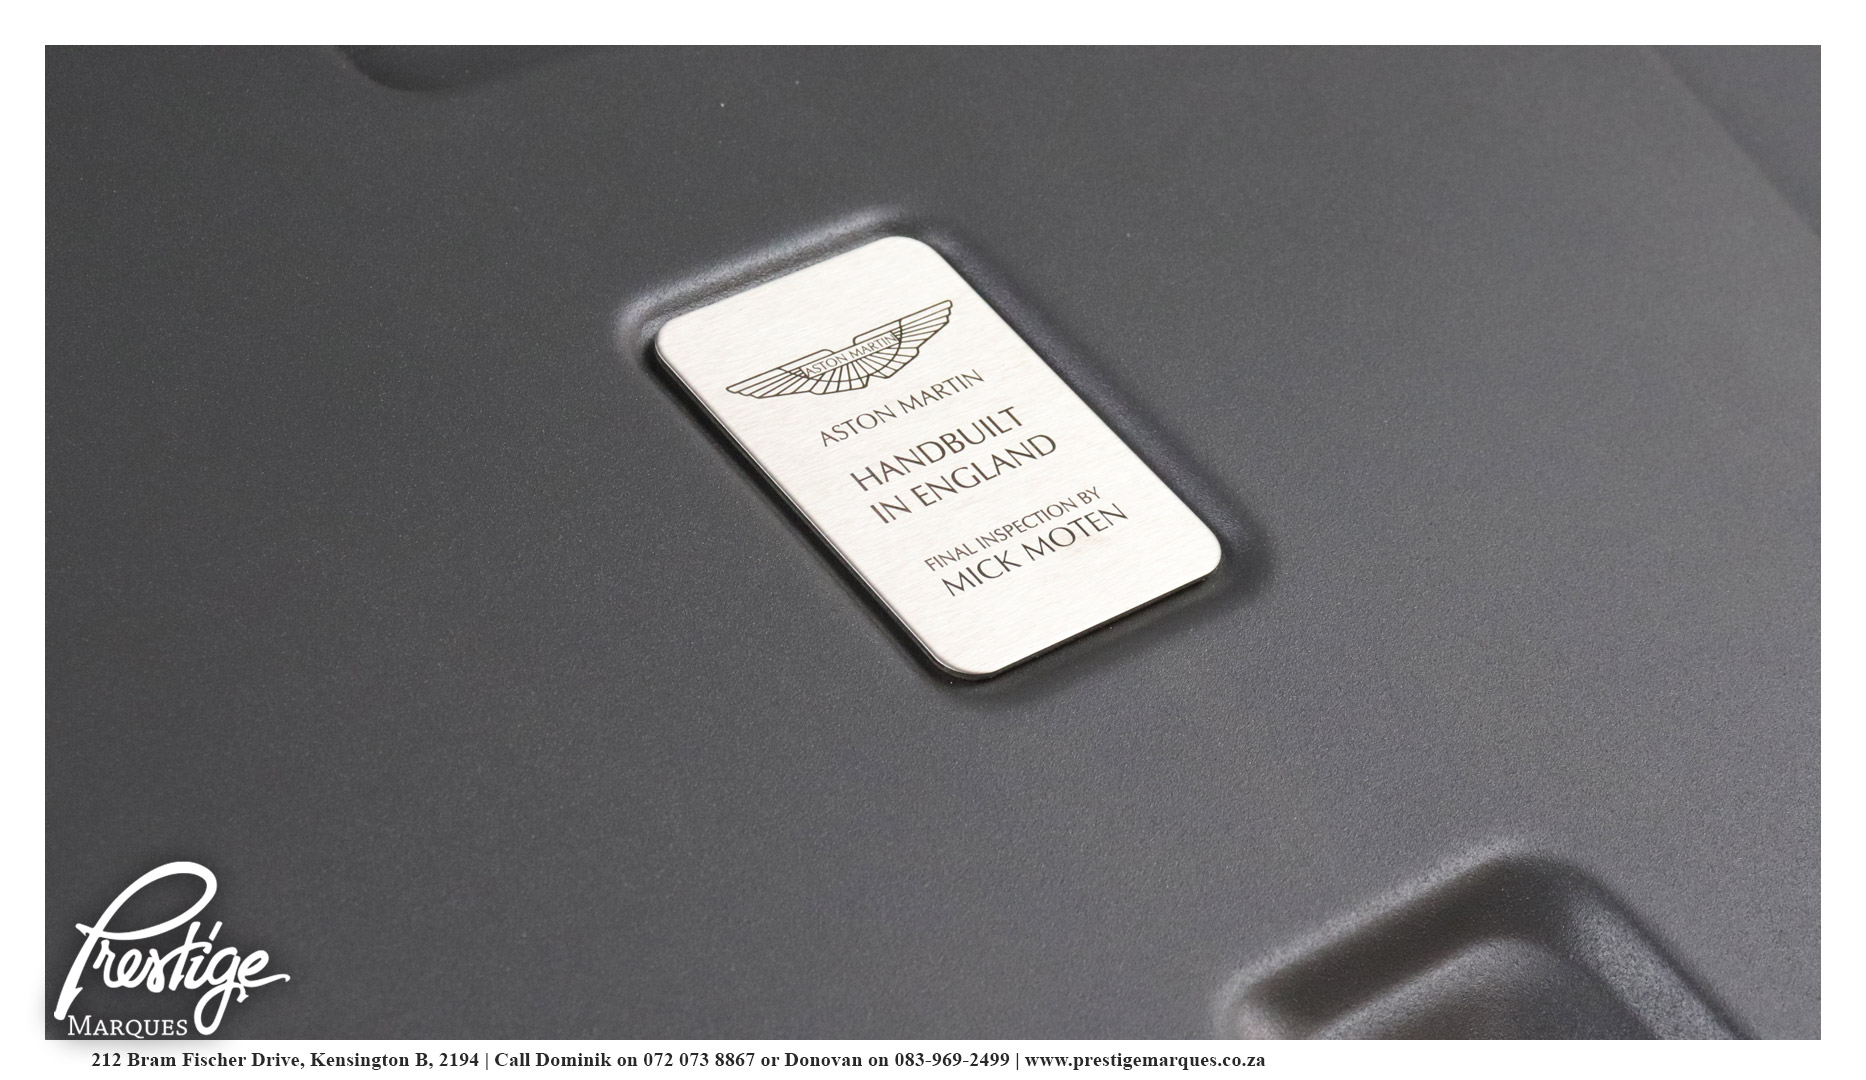 Aston-Martin-V8-Vantage-Convertible-Auto-Prestige-Marques-Sandton-17